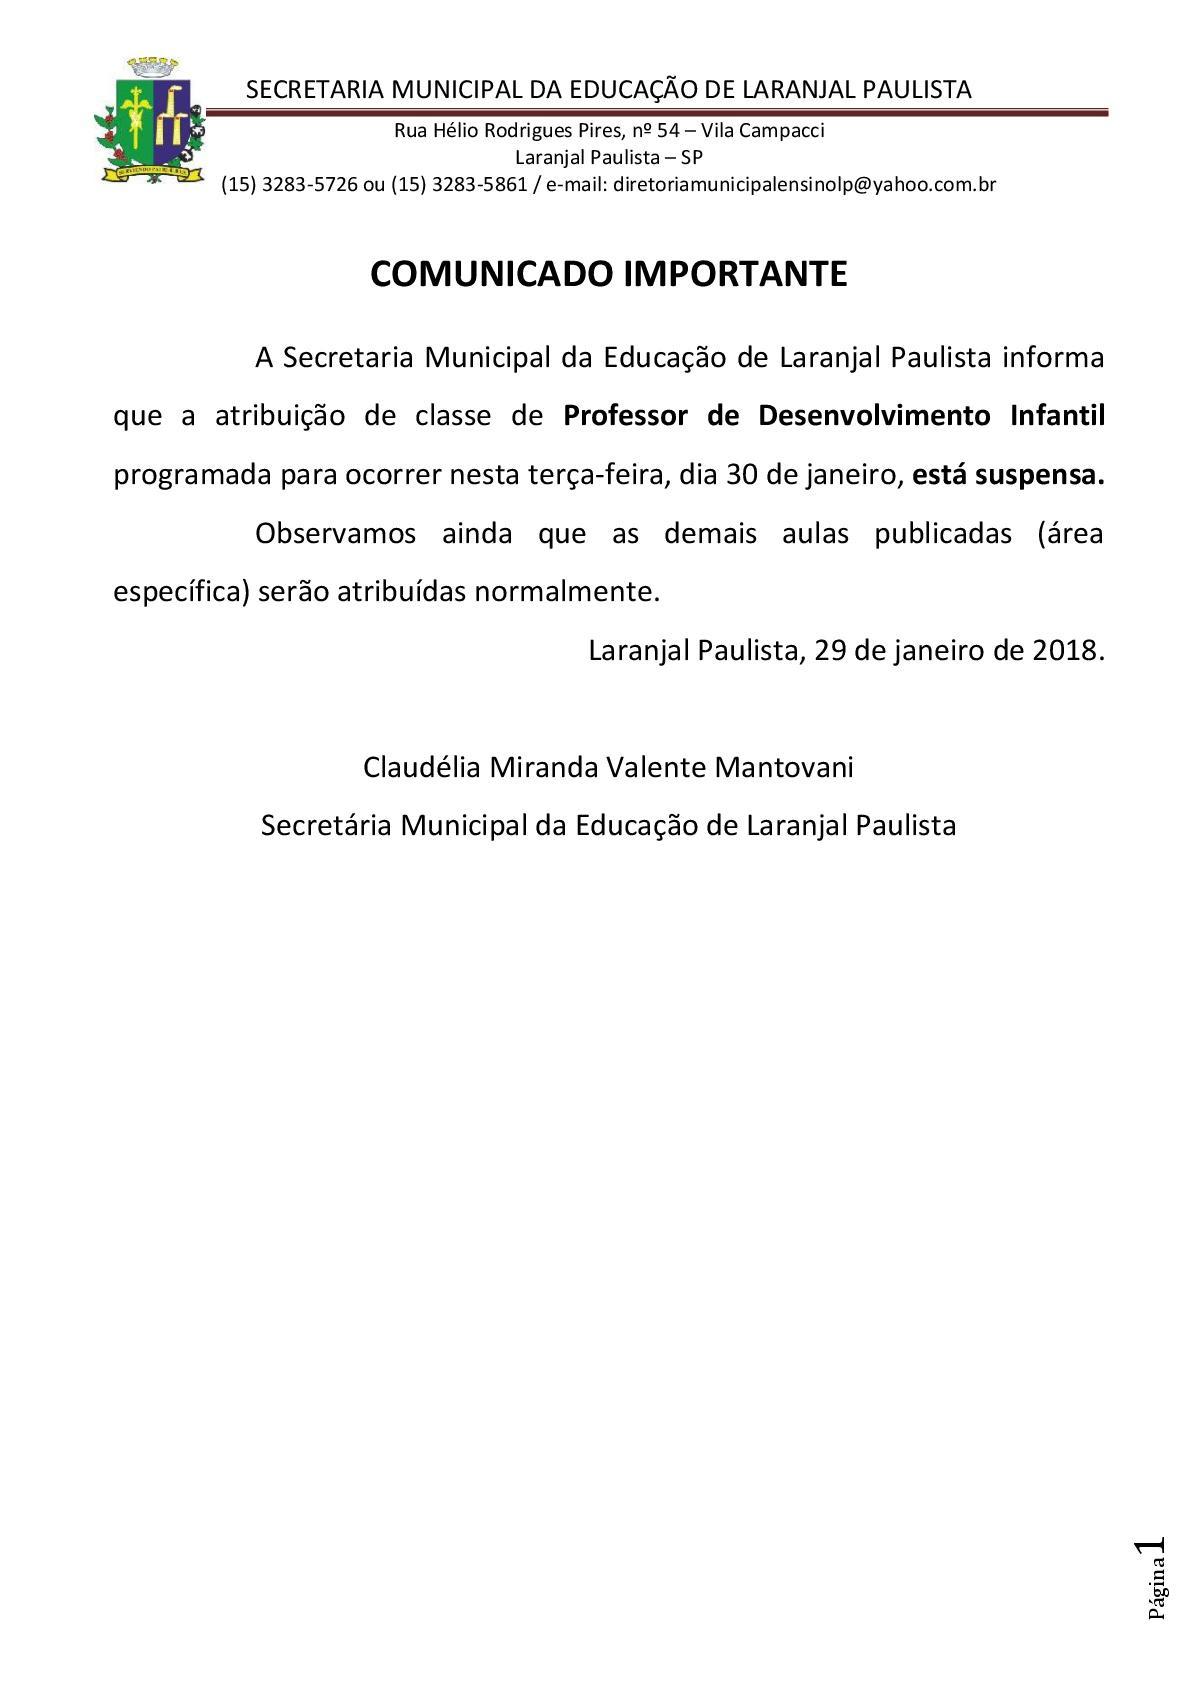 Comunicado Importante - Atribuição de aulas parcialmente cancelada... 29/01/2018